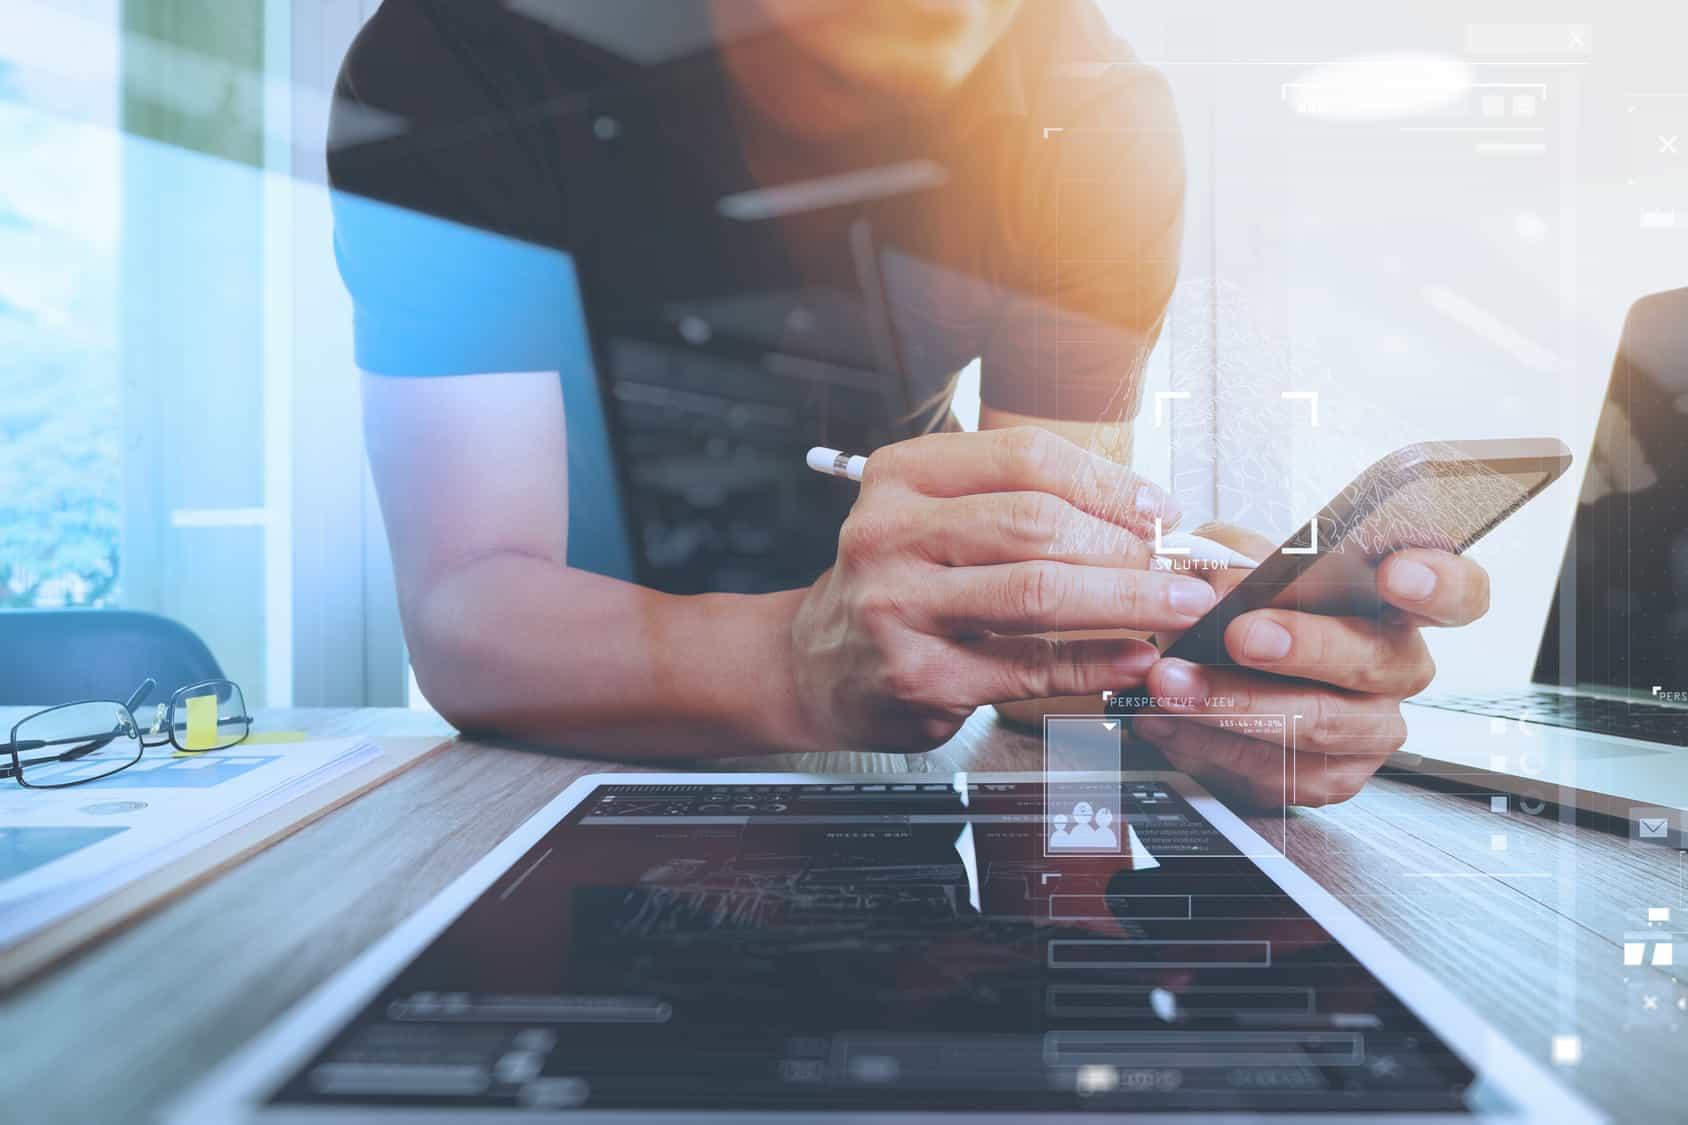 Los contenidos se han vuelto tan imprescindibles que prácticamente cualquier plataforma tecnológica está empezando a integrarlos como parte de su oferta comercial.